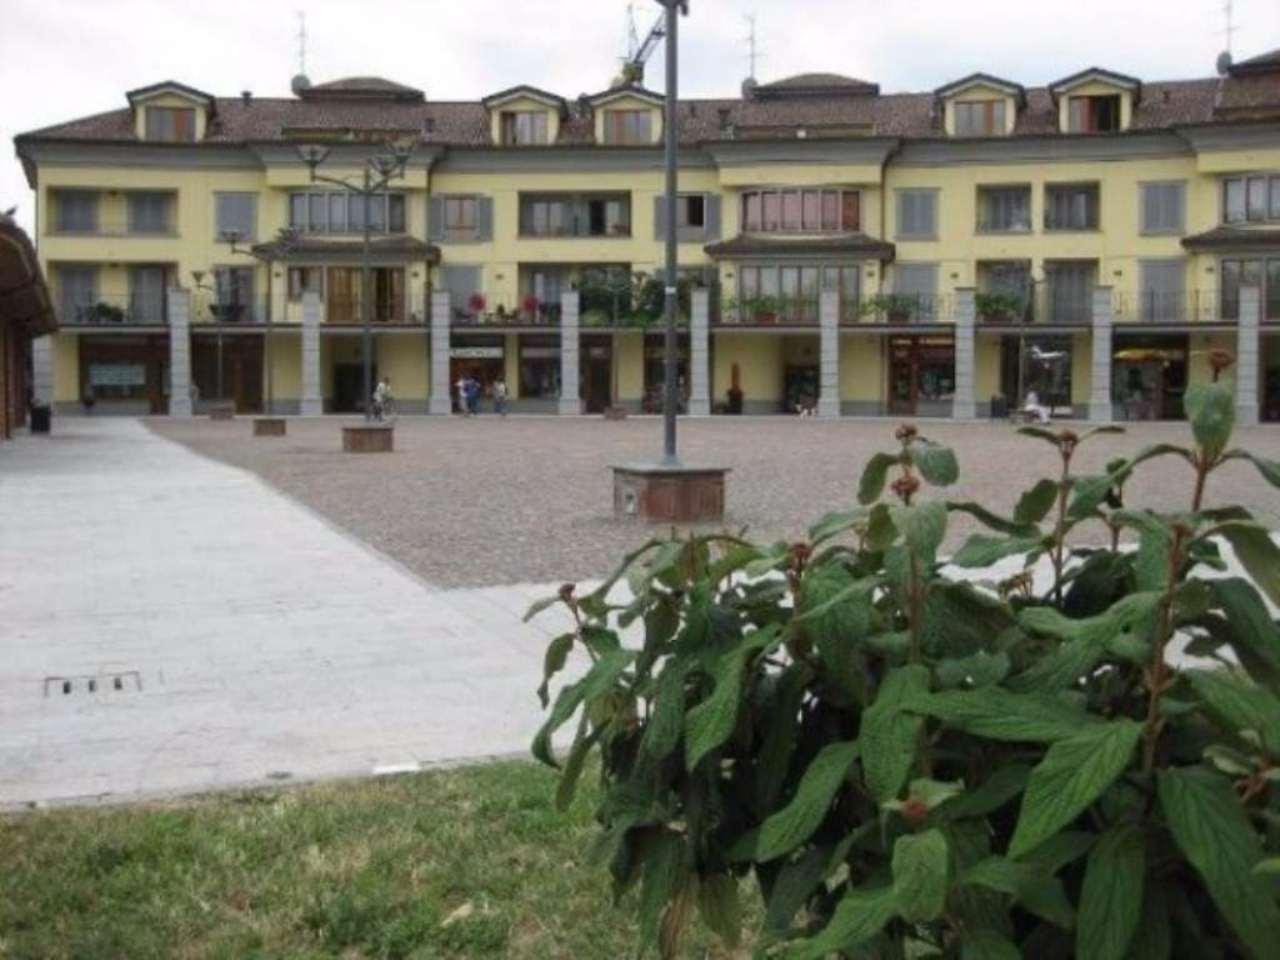 Attico / Mansarda in vendita a Senago, 2 locali, prezzo € 129.000 | CambioCasa.it